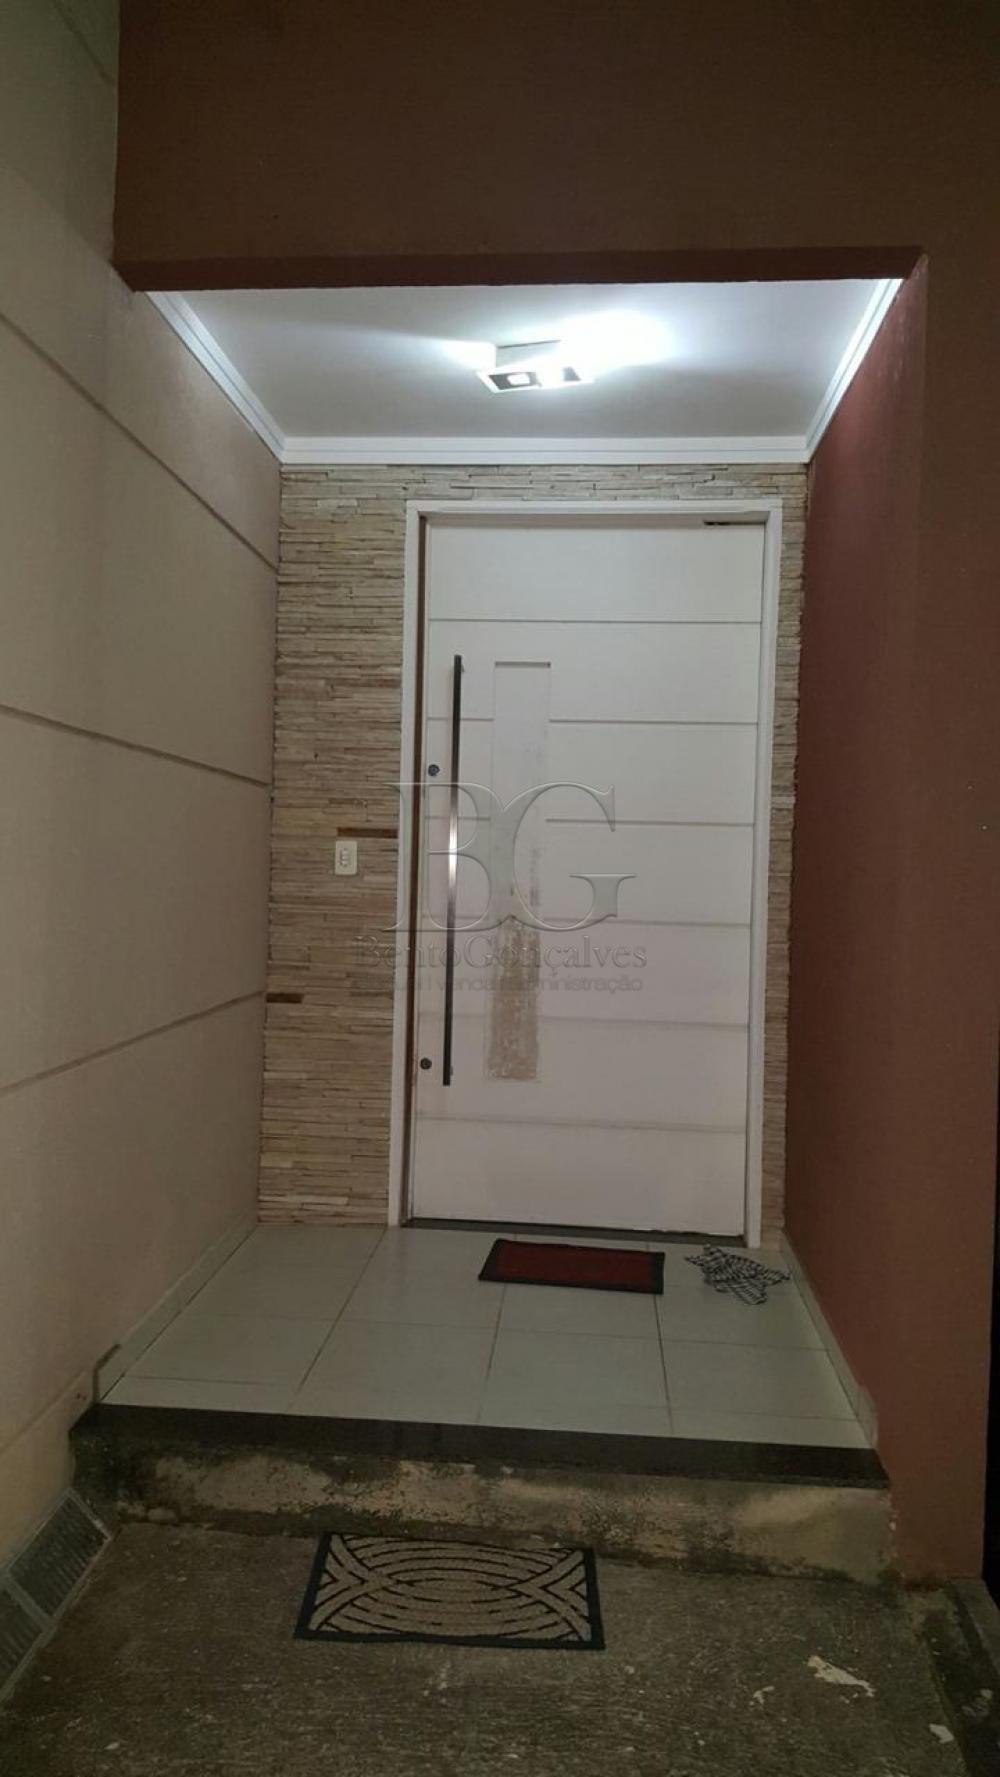 Comprar Casas / Padrão em Poços de Caldas apenas R$ 750.000,00 - Foto 2